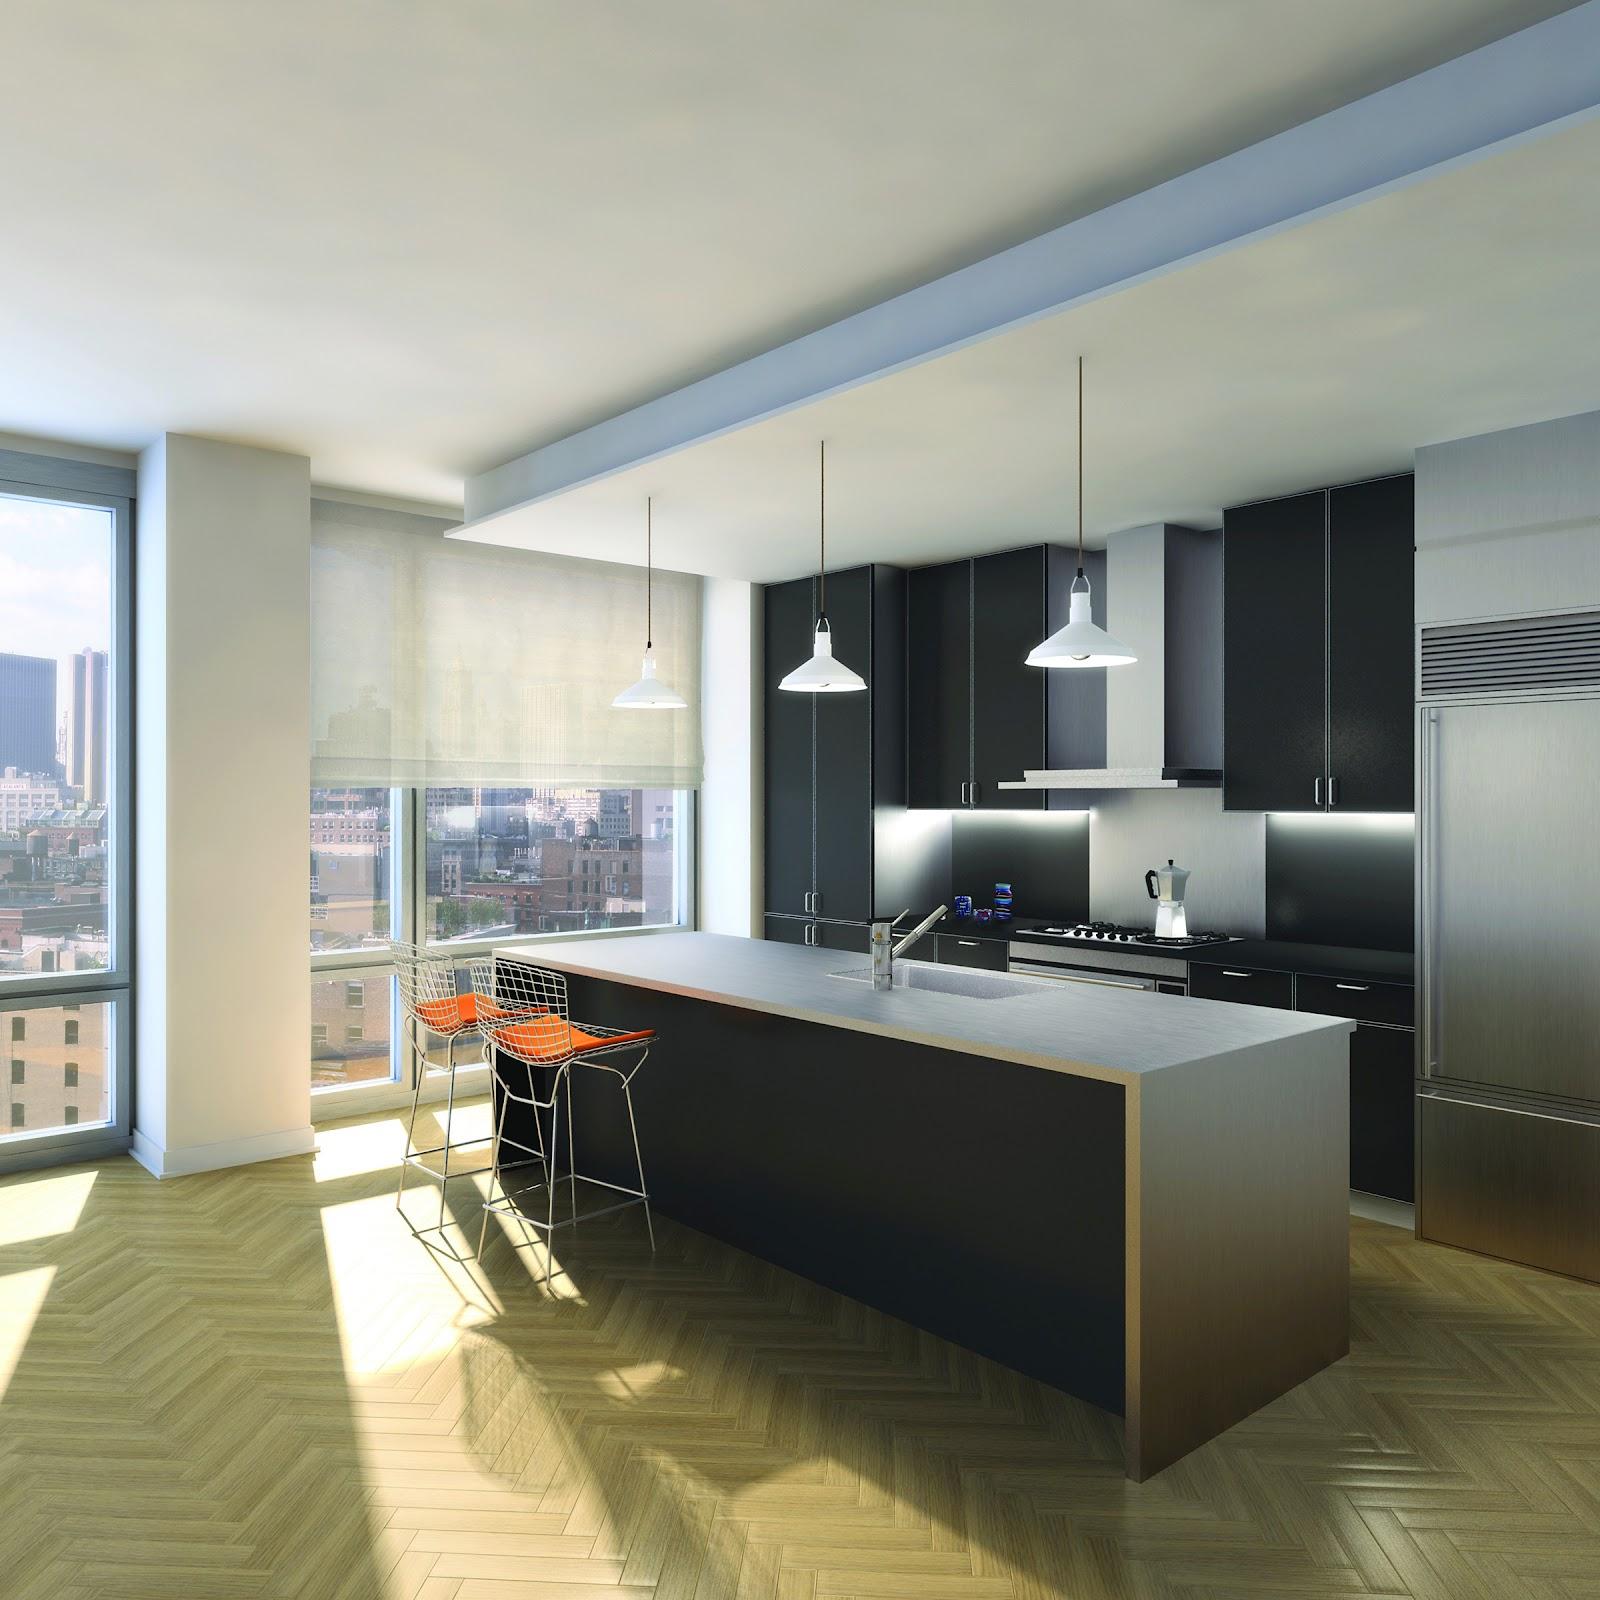 Lucas Designer de Interiores: Referências Projetos de Cozinha #887643 1600 1600